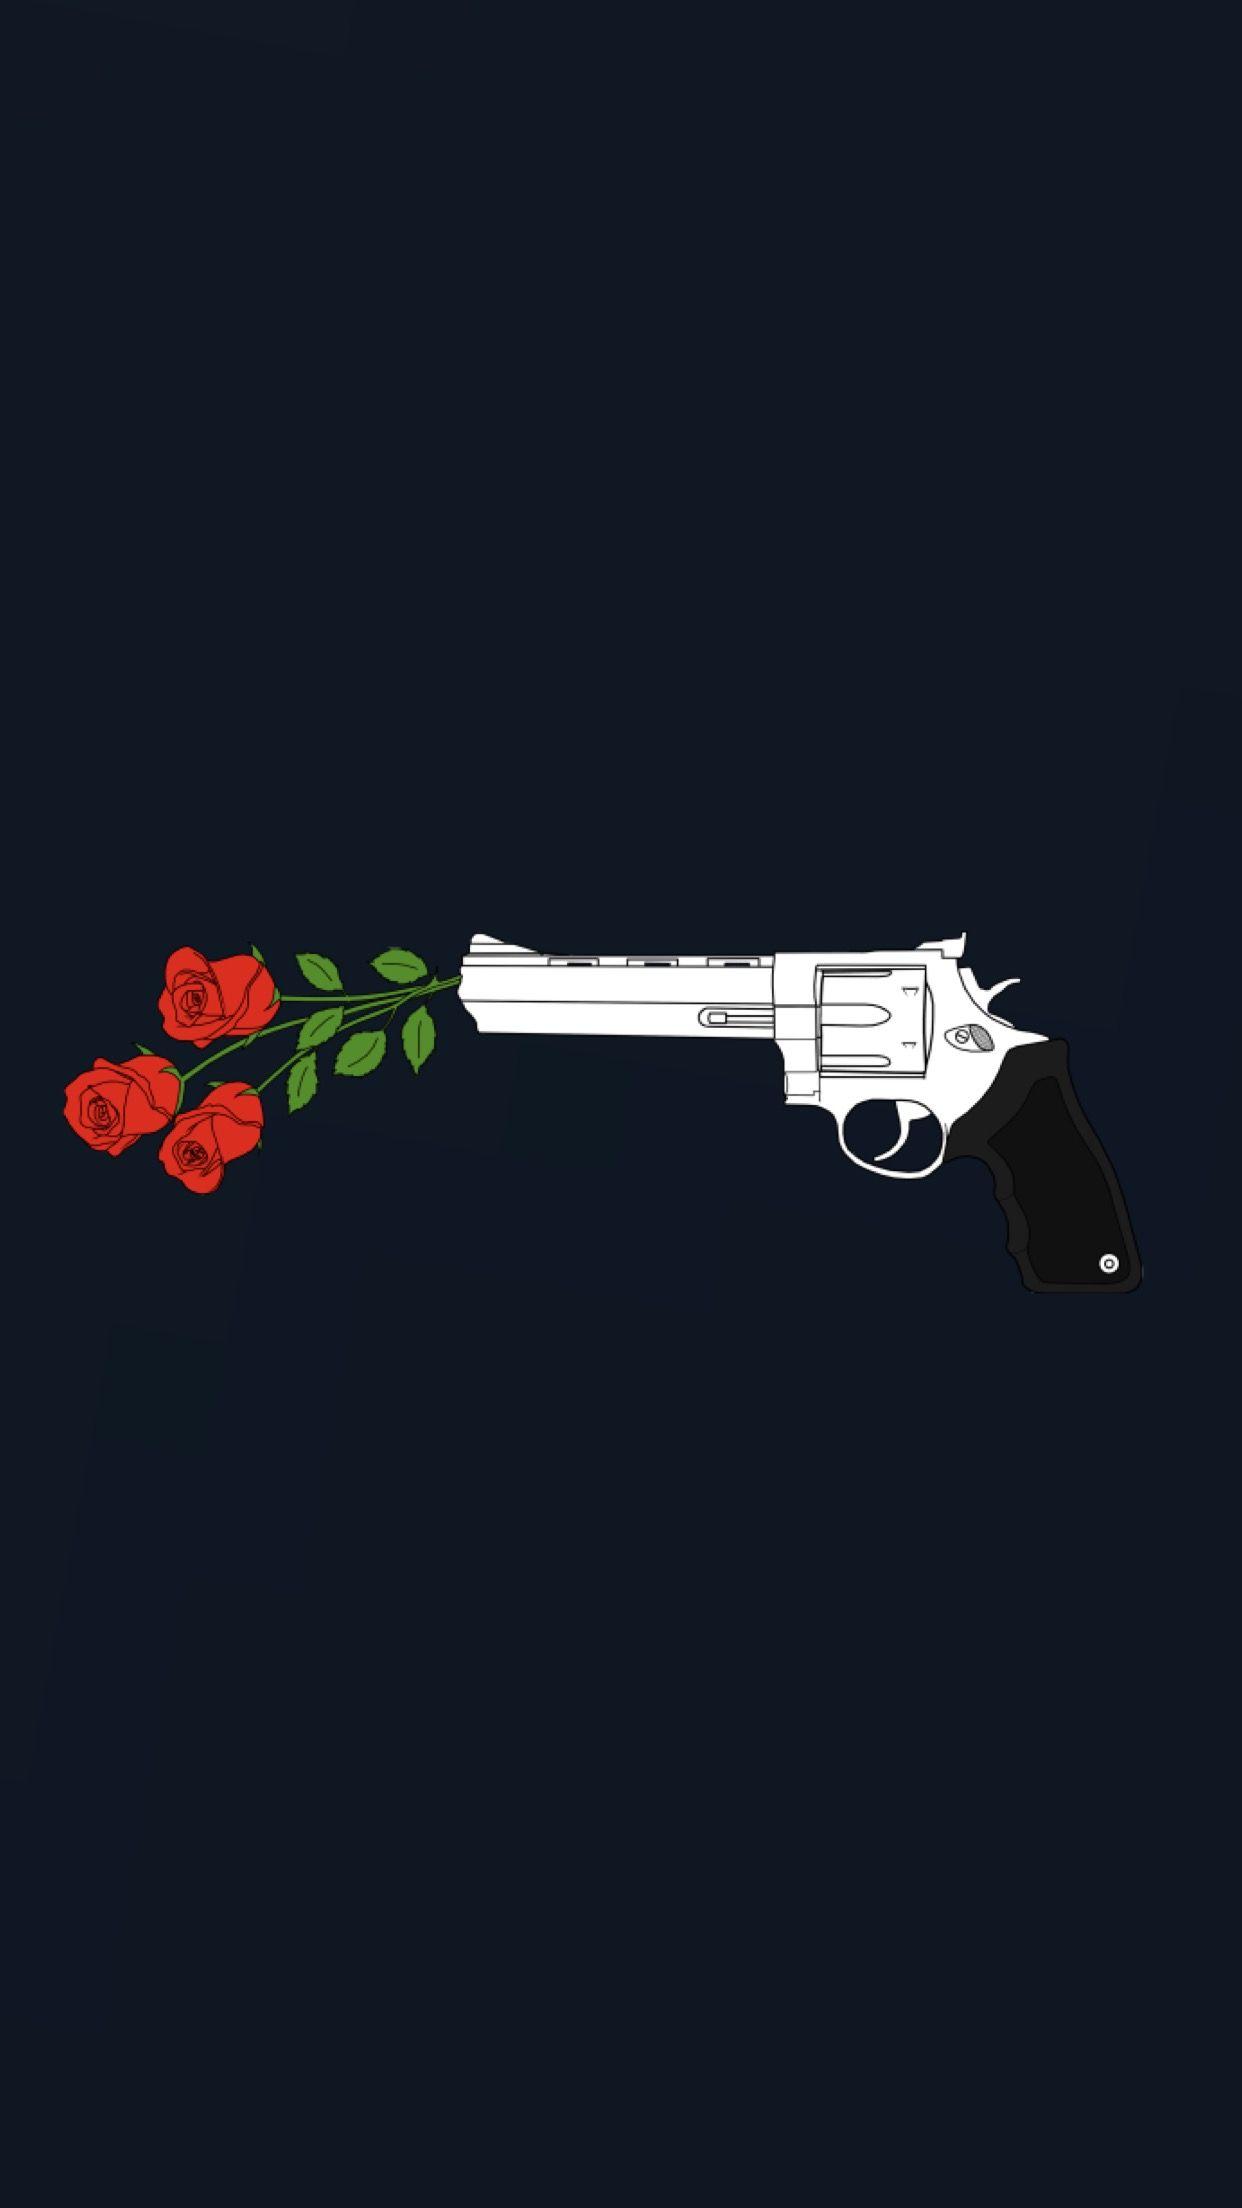 tumblr wallpaper dope gun emoji - photo #30